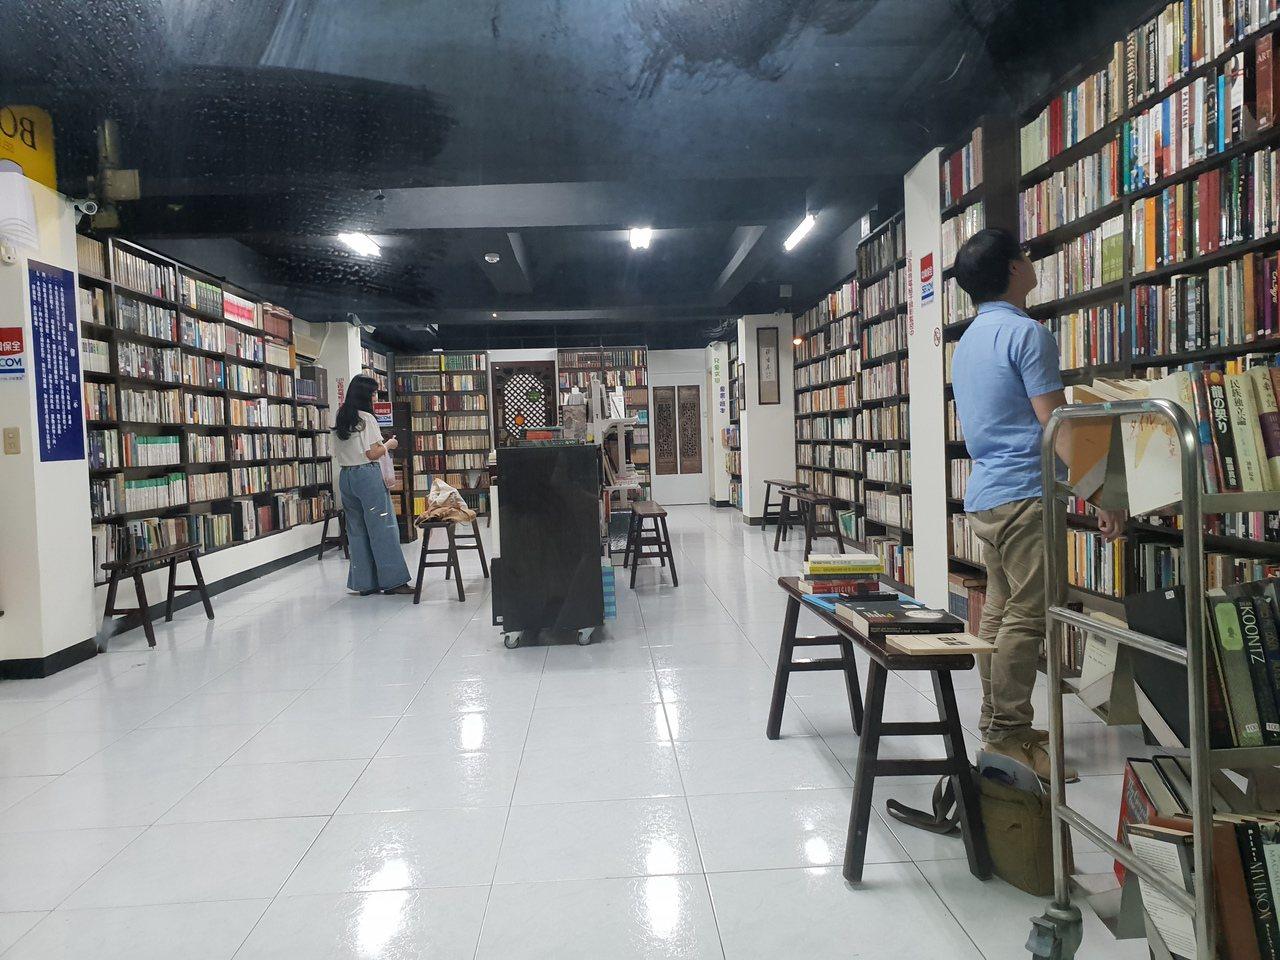 無人書店讓提供讀者自在閱讀的空間。記者陳宛茜/攝影